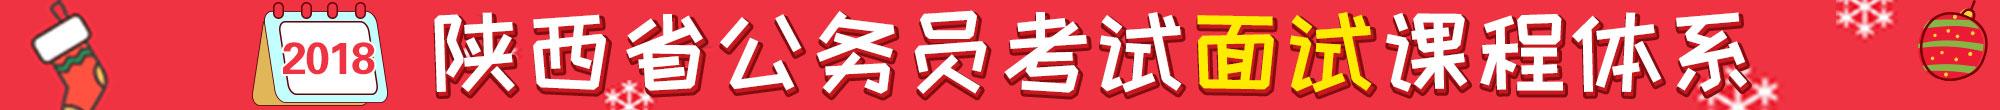 2018陕西公务员笔试红领培优课程体系